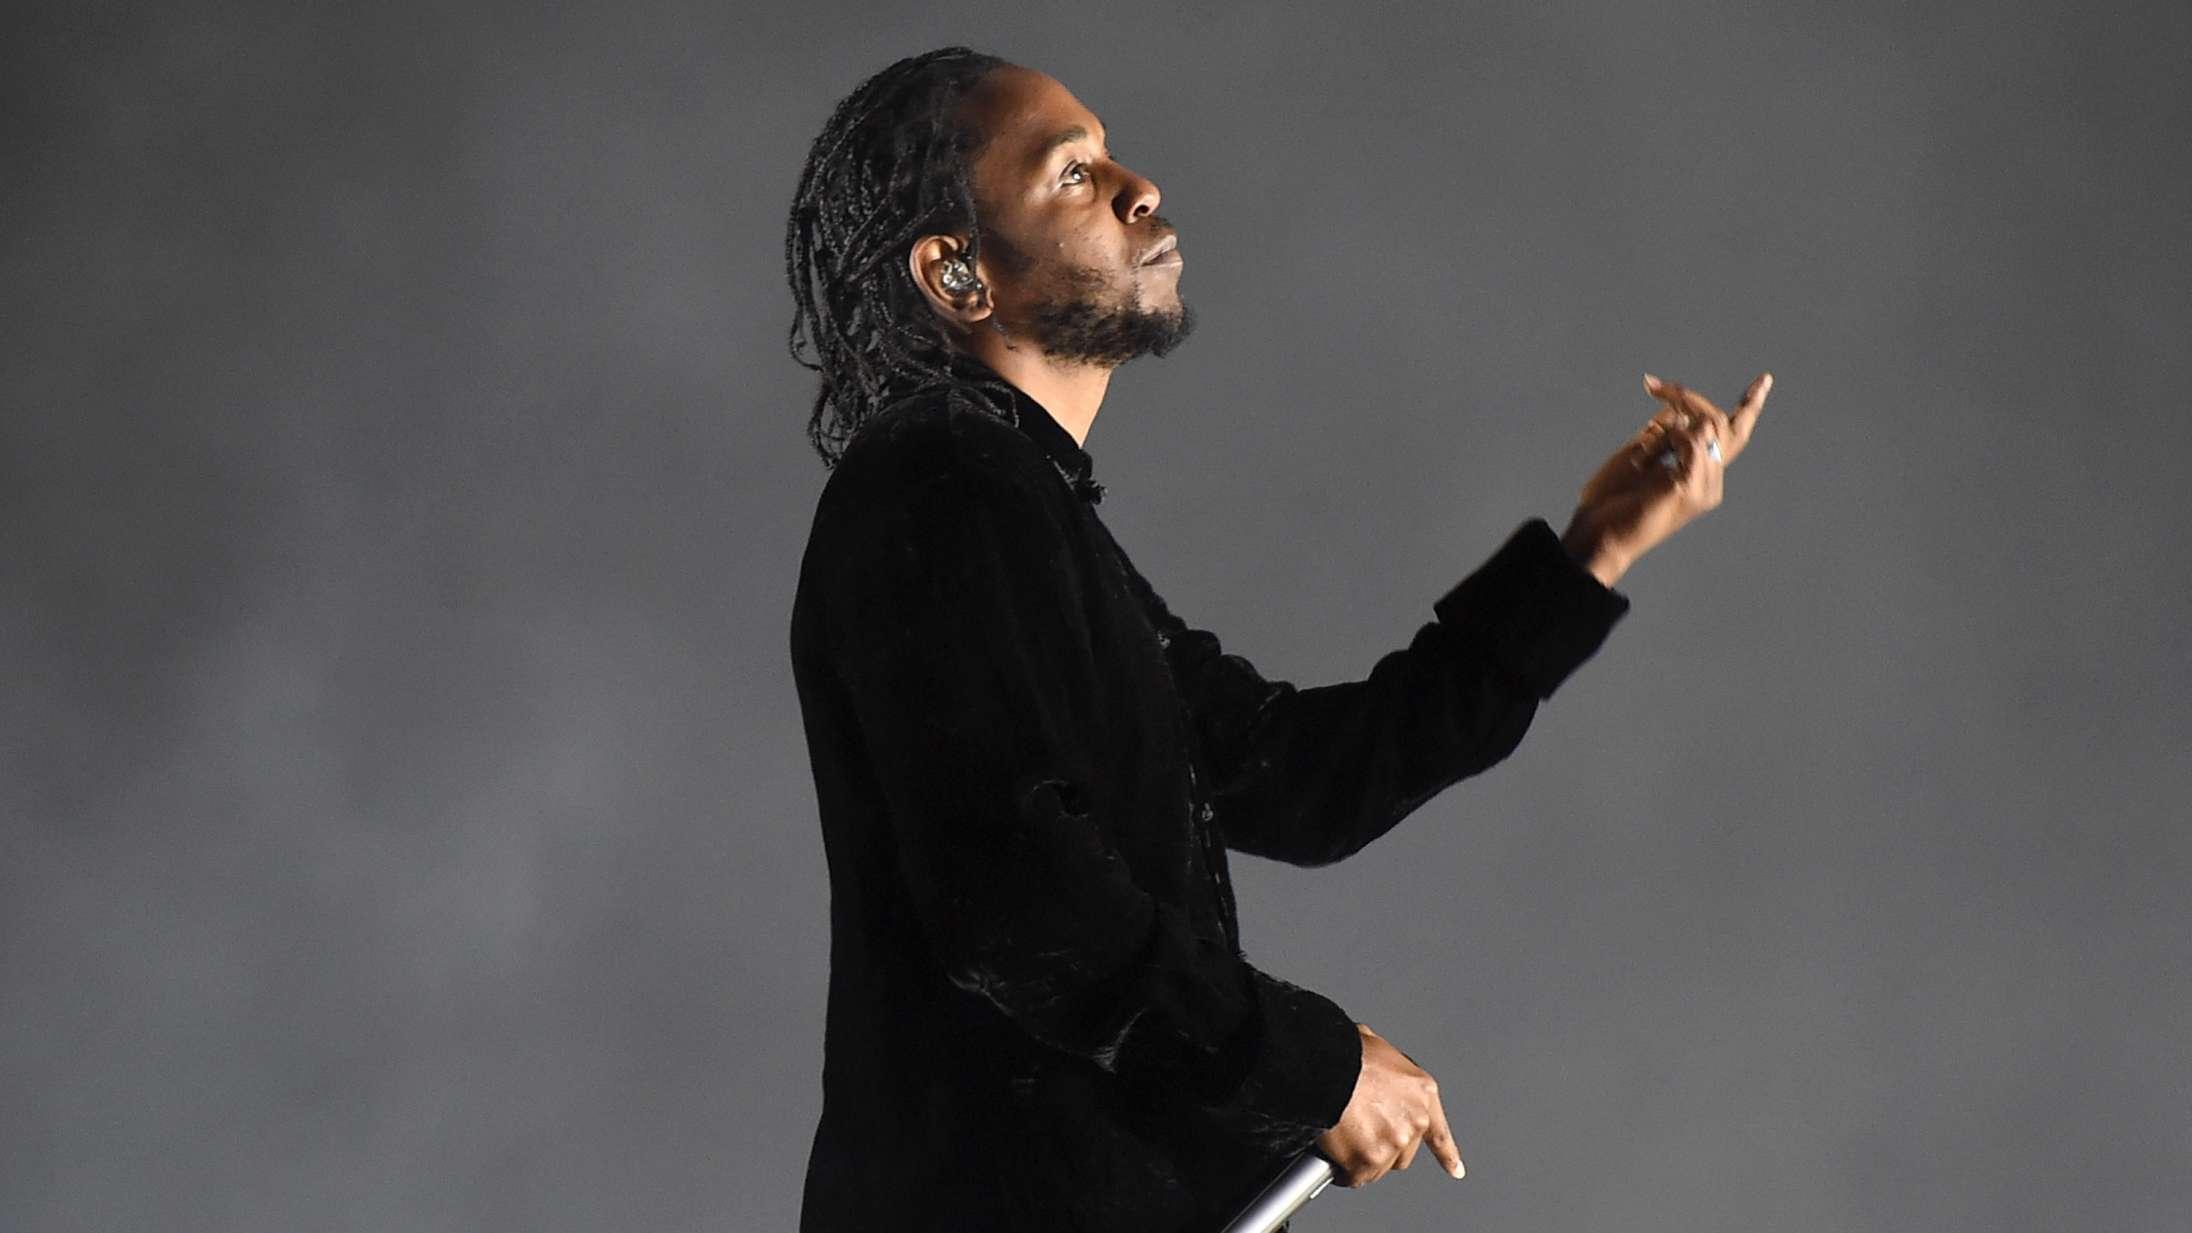 Kendrick Lamars næste album: Fup, fakta og konspirationsteorier